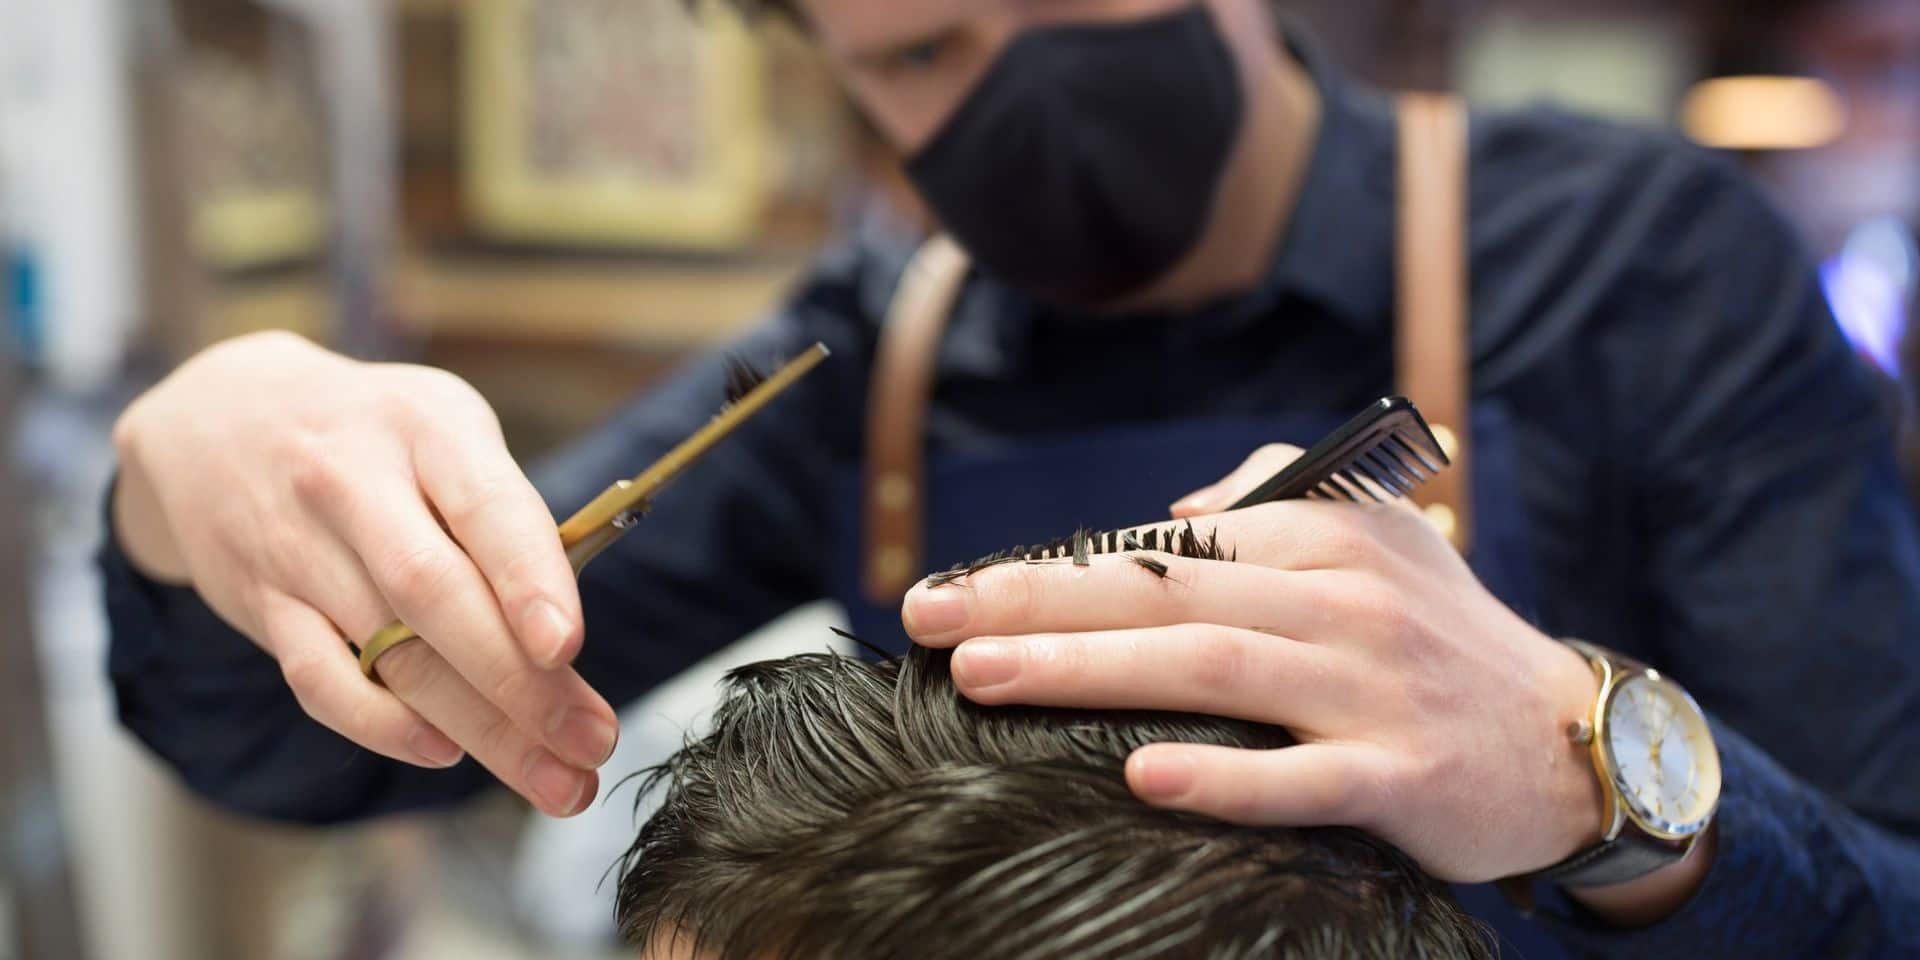 """Les coiffeurs heureux de reprendre du service, mais... """"Je n'ai plus d'attentes particulières, on verra"""""""